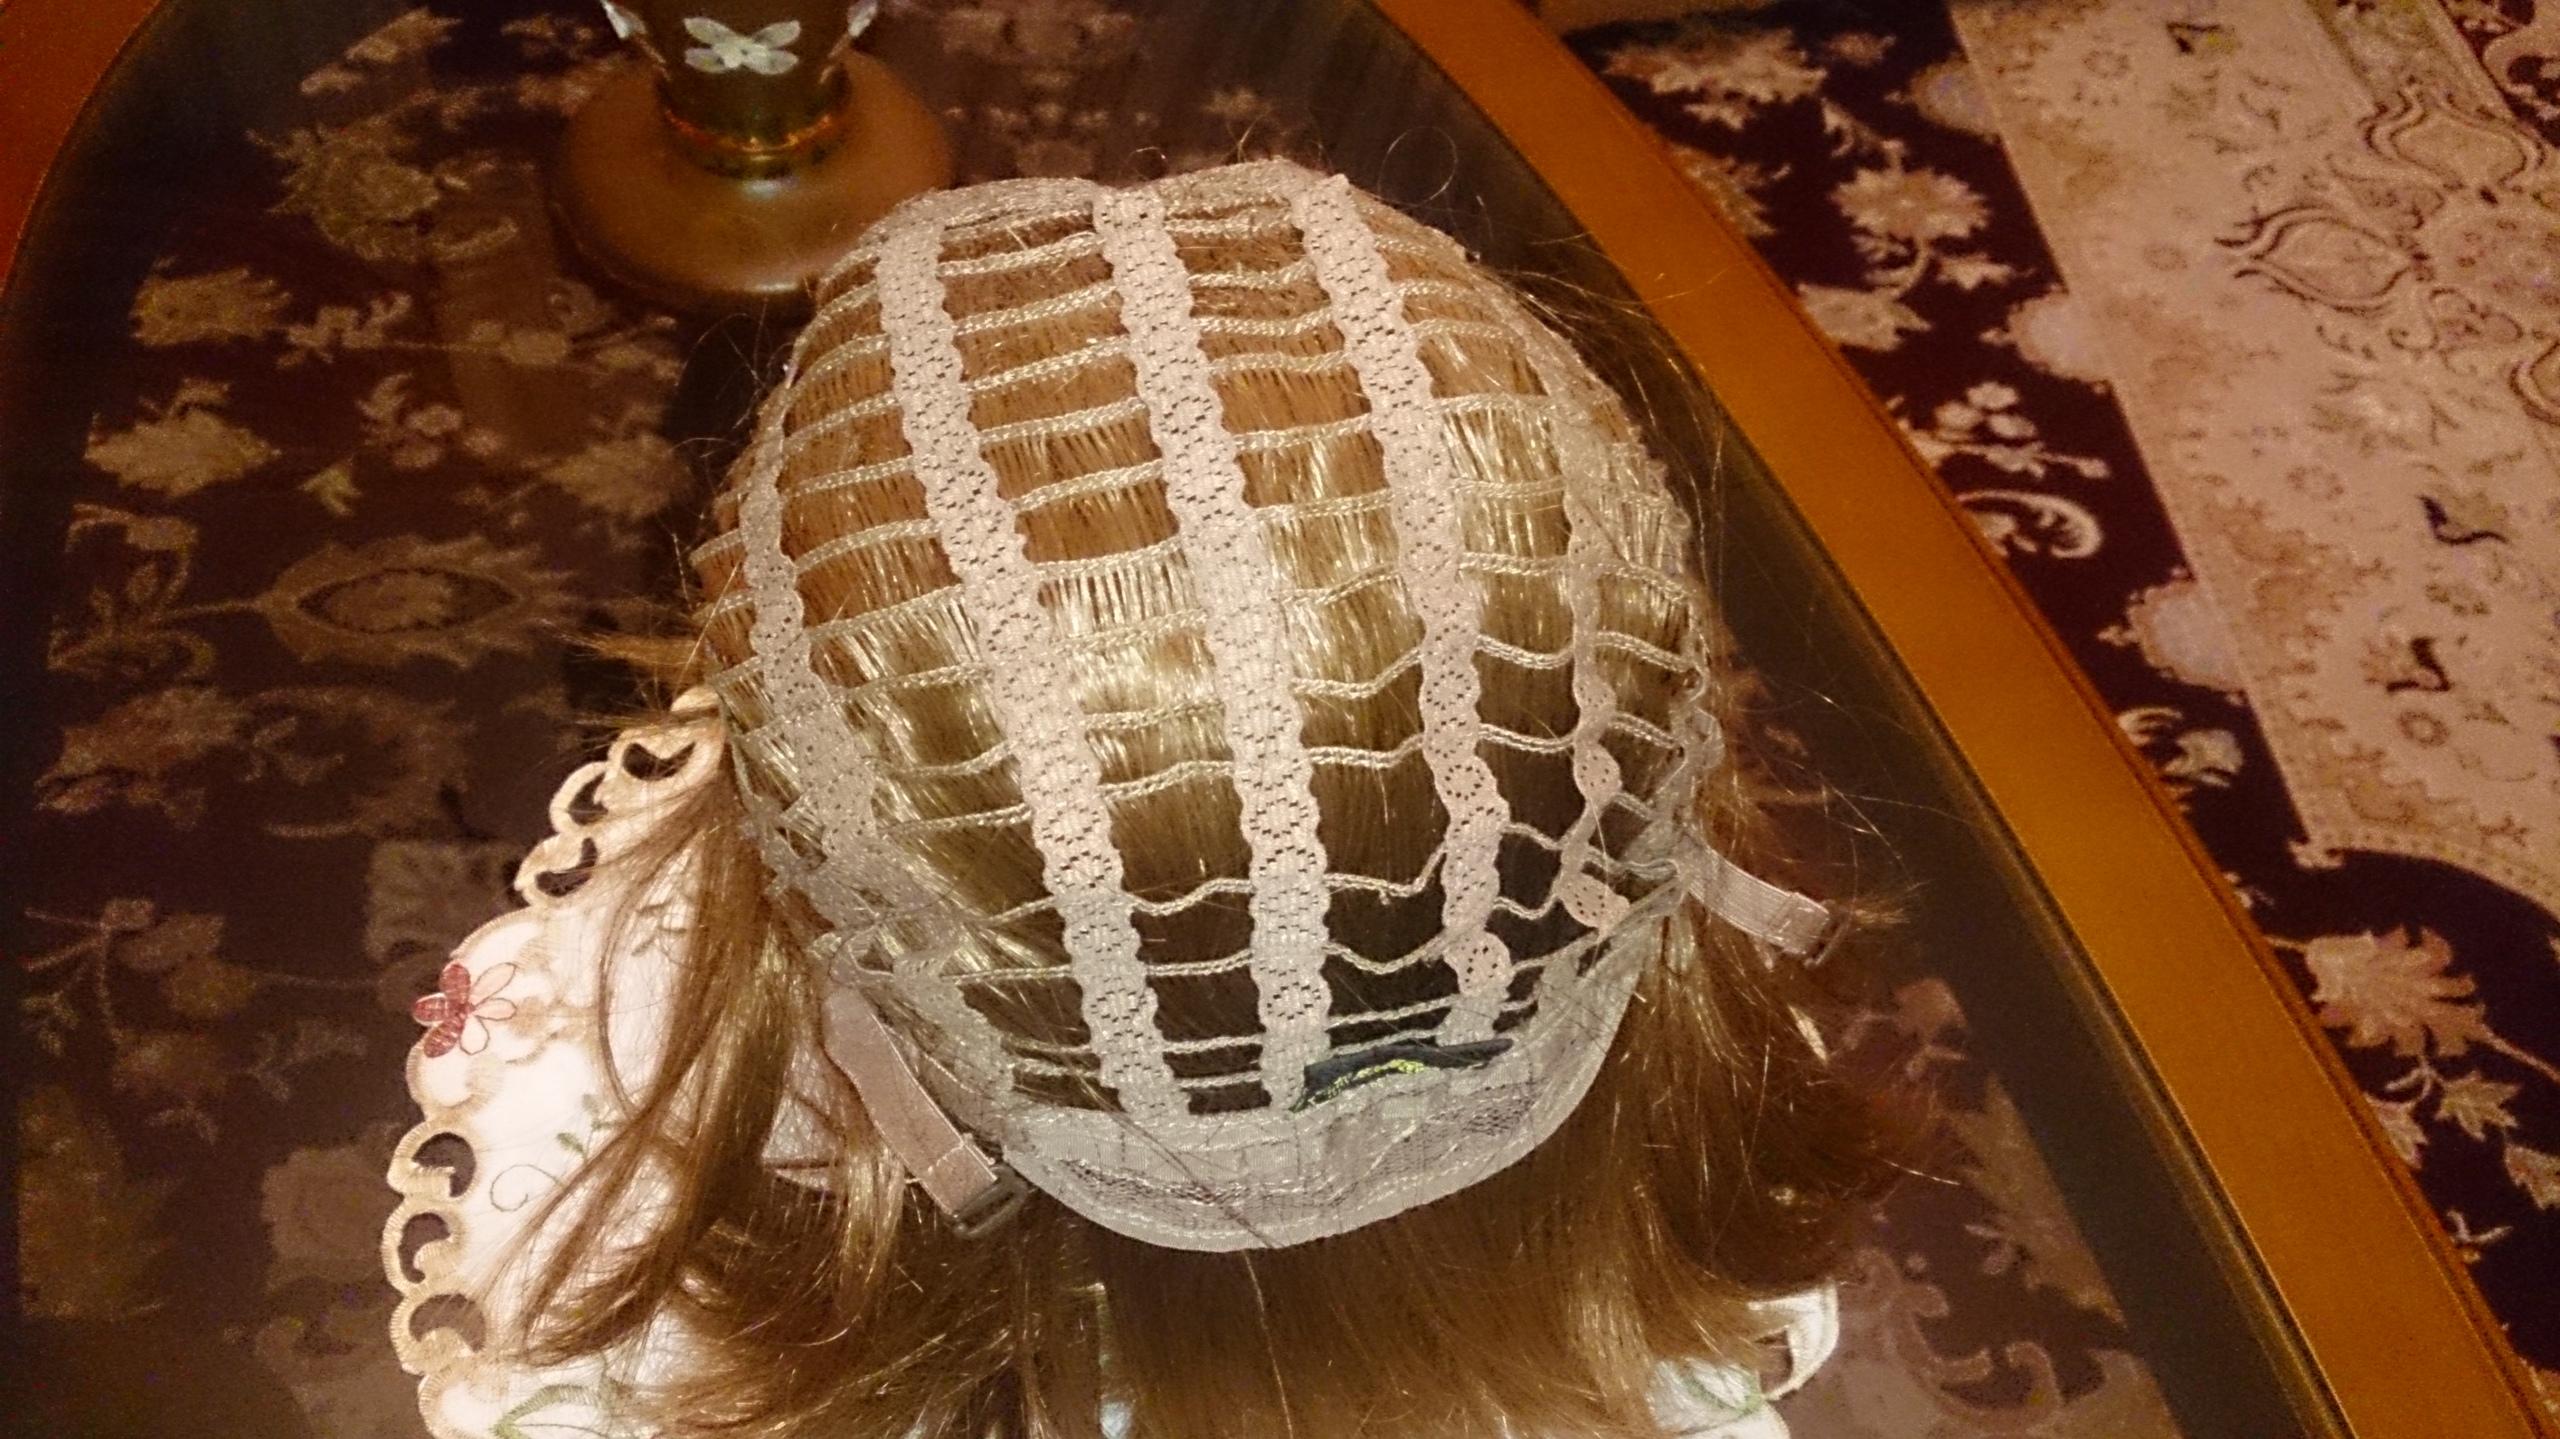 Продам женский парик японского производства, цвет – каштан, причёска – каре, размер универсальный (на сеточке), полностью вентилируемый.